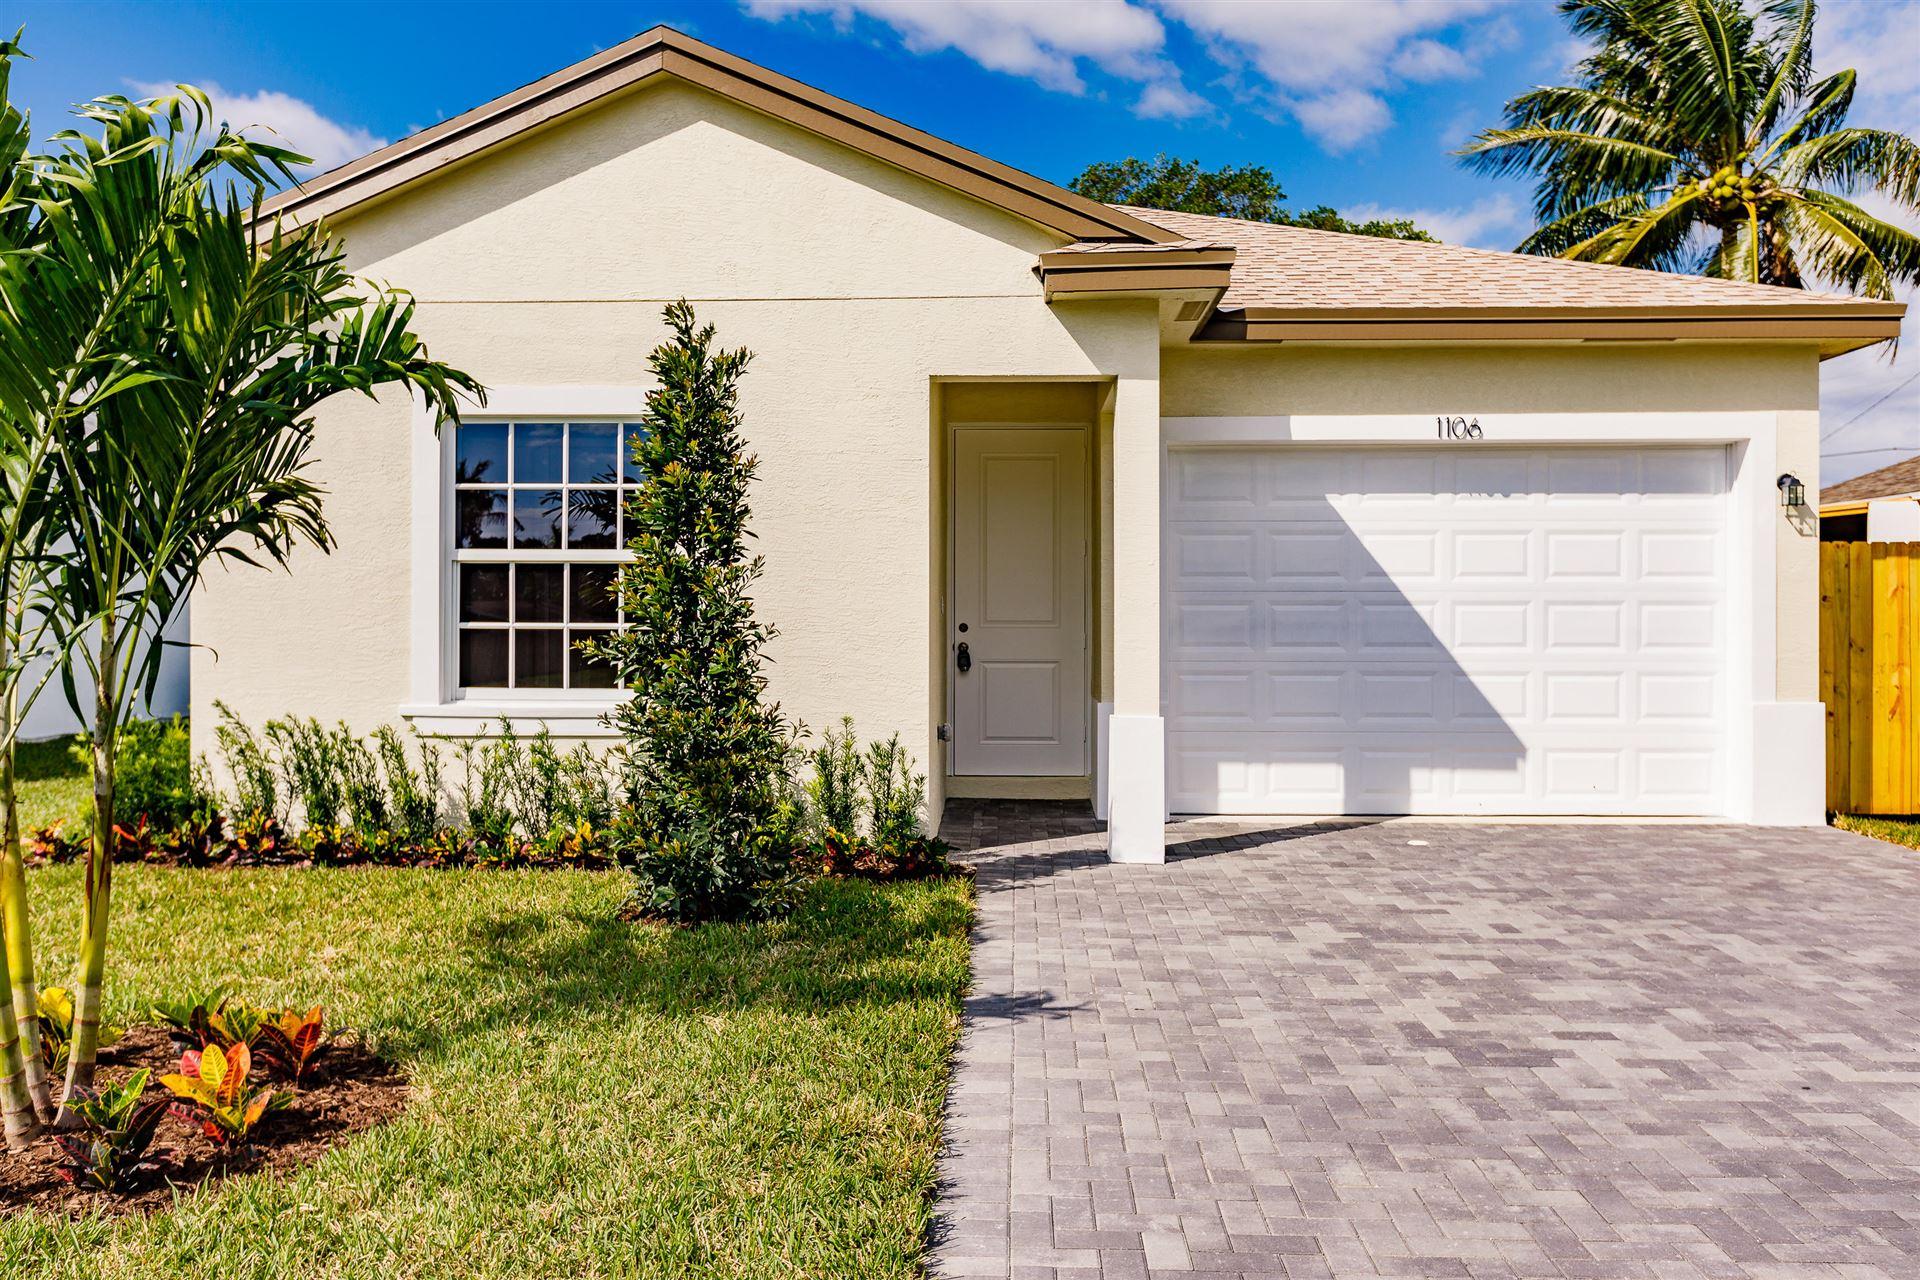 1106 SW 7th Avenue, Delray Beach, FL 33444 - #: RX-10695103